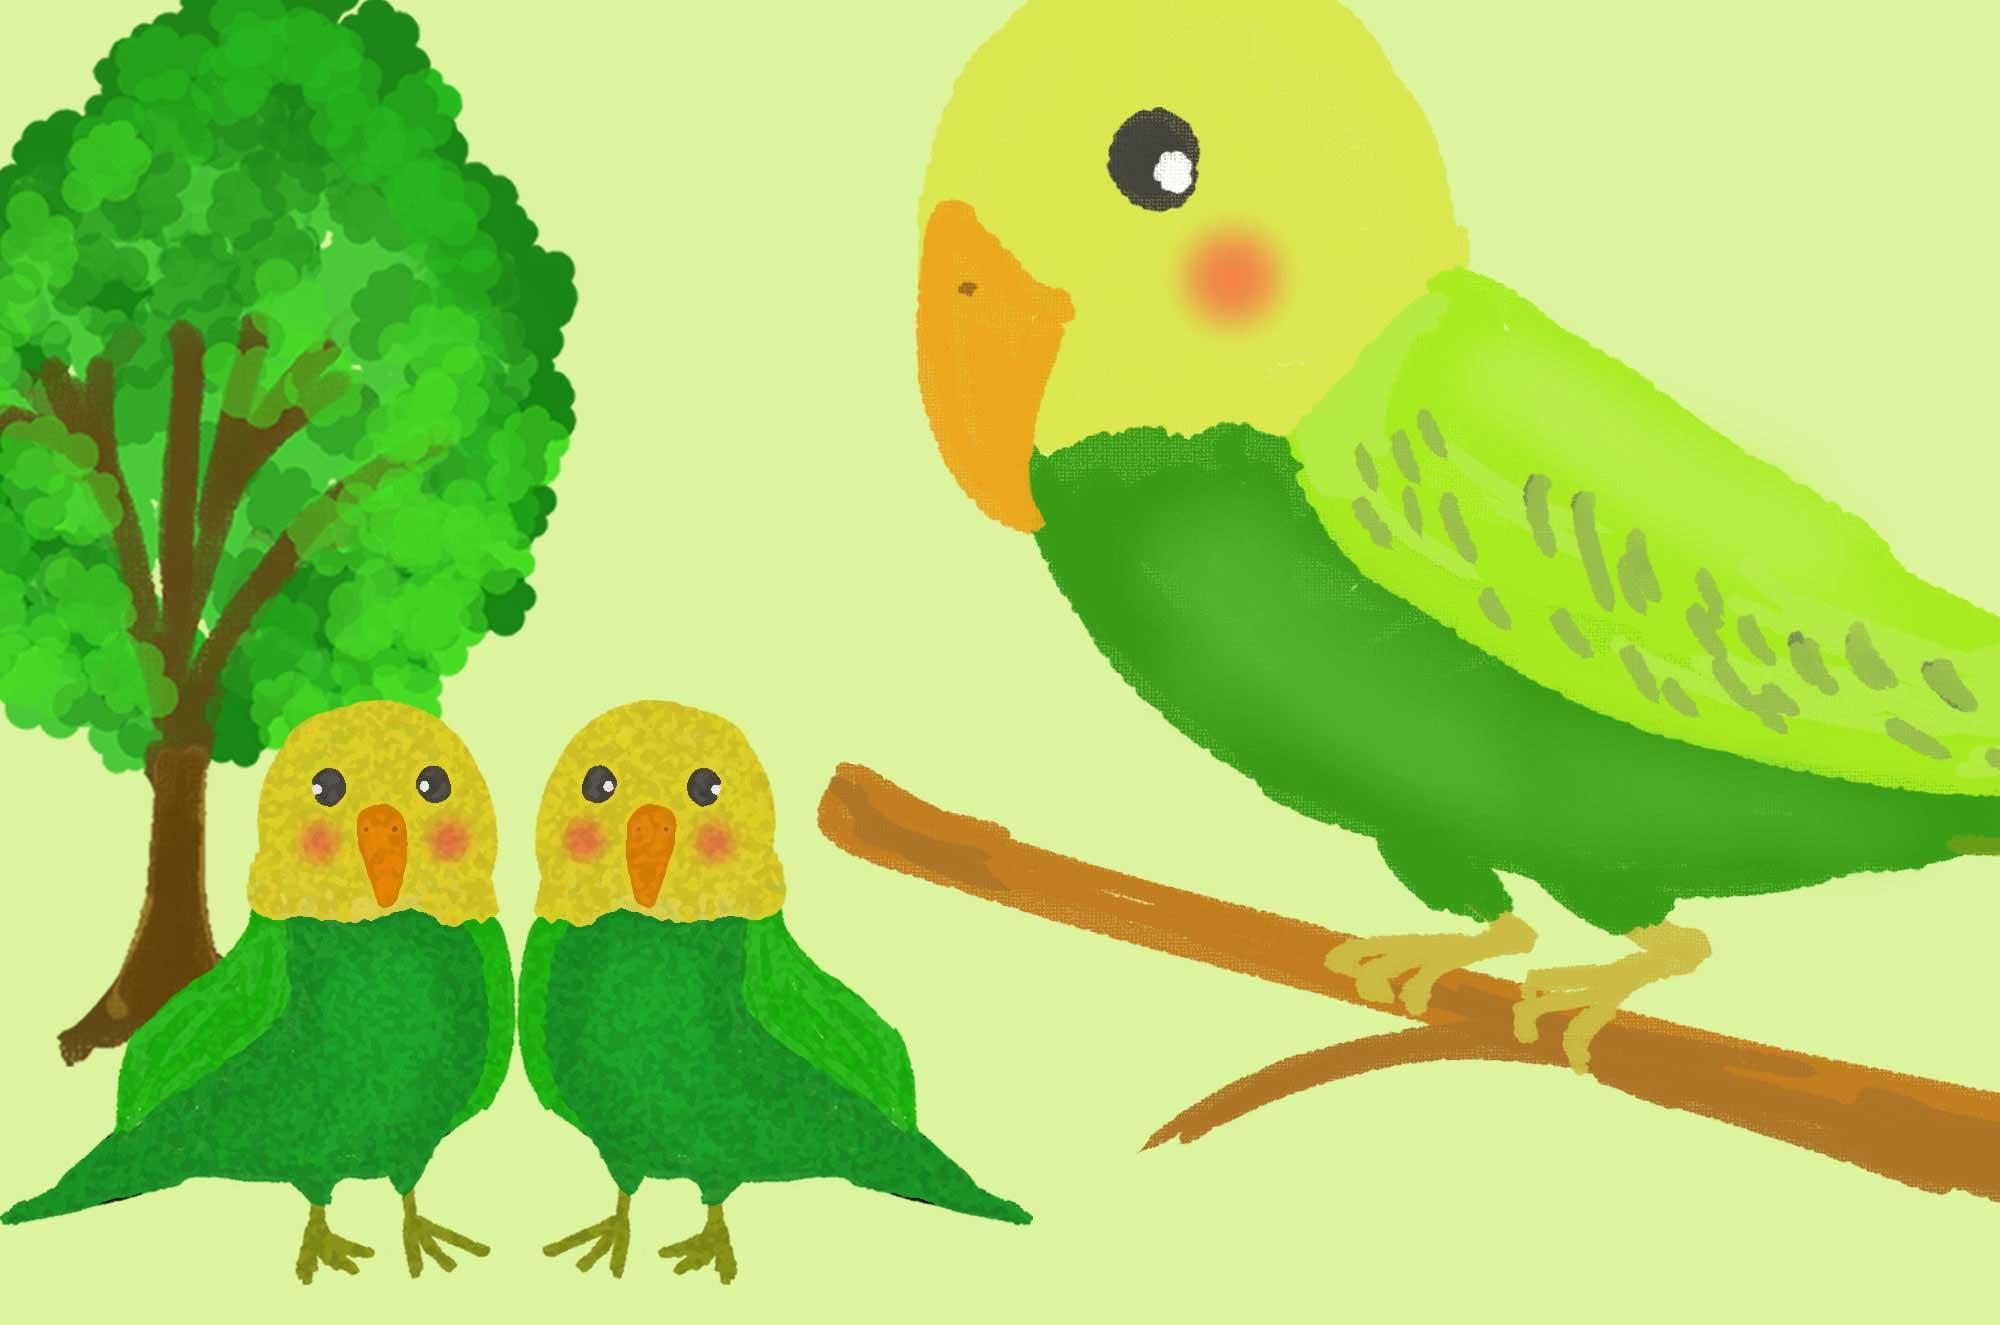 インコイラスト 愛らしくて可愛い鳥のフリー素材集 チコデザ